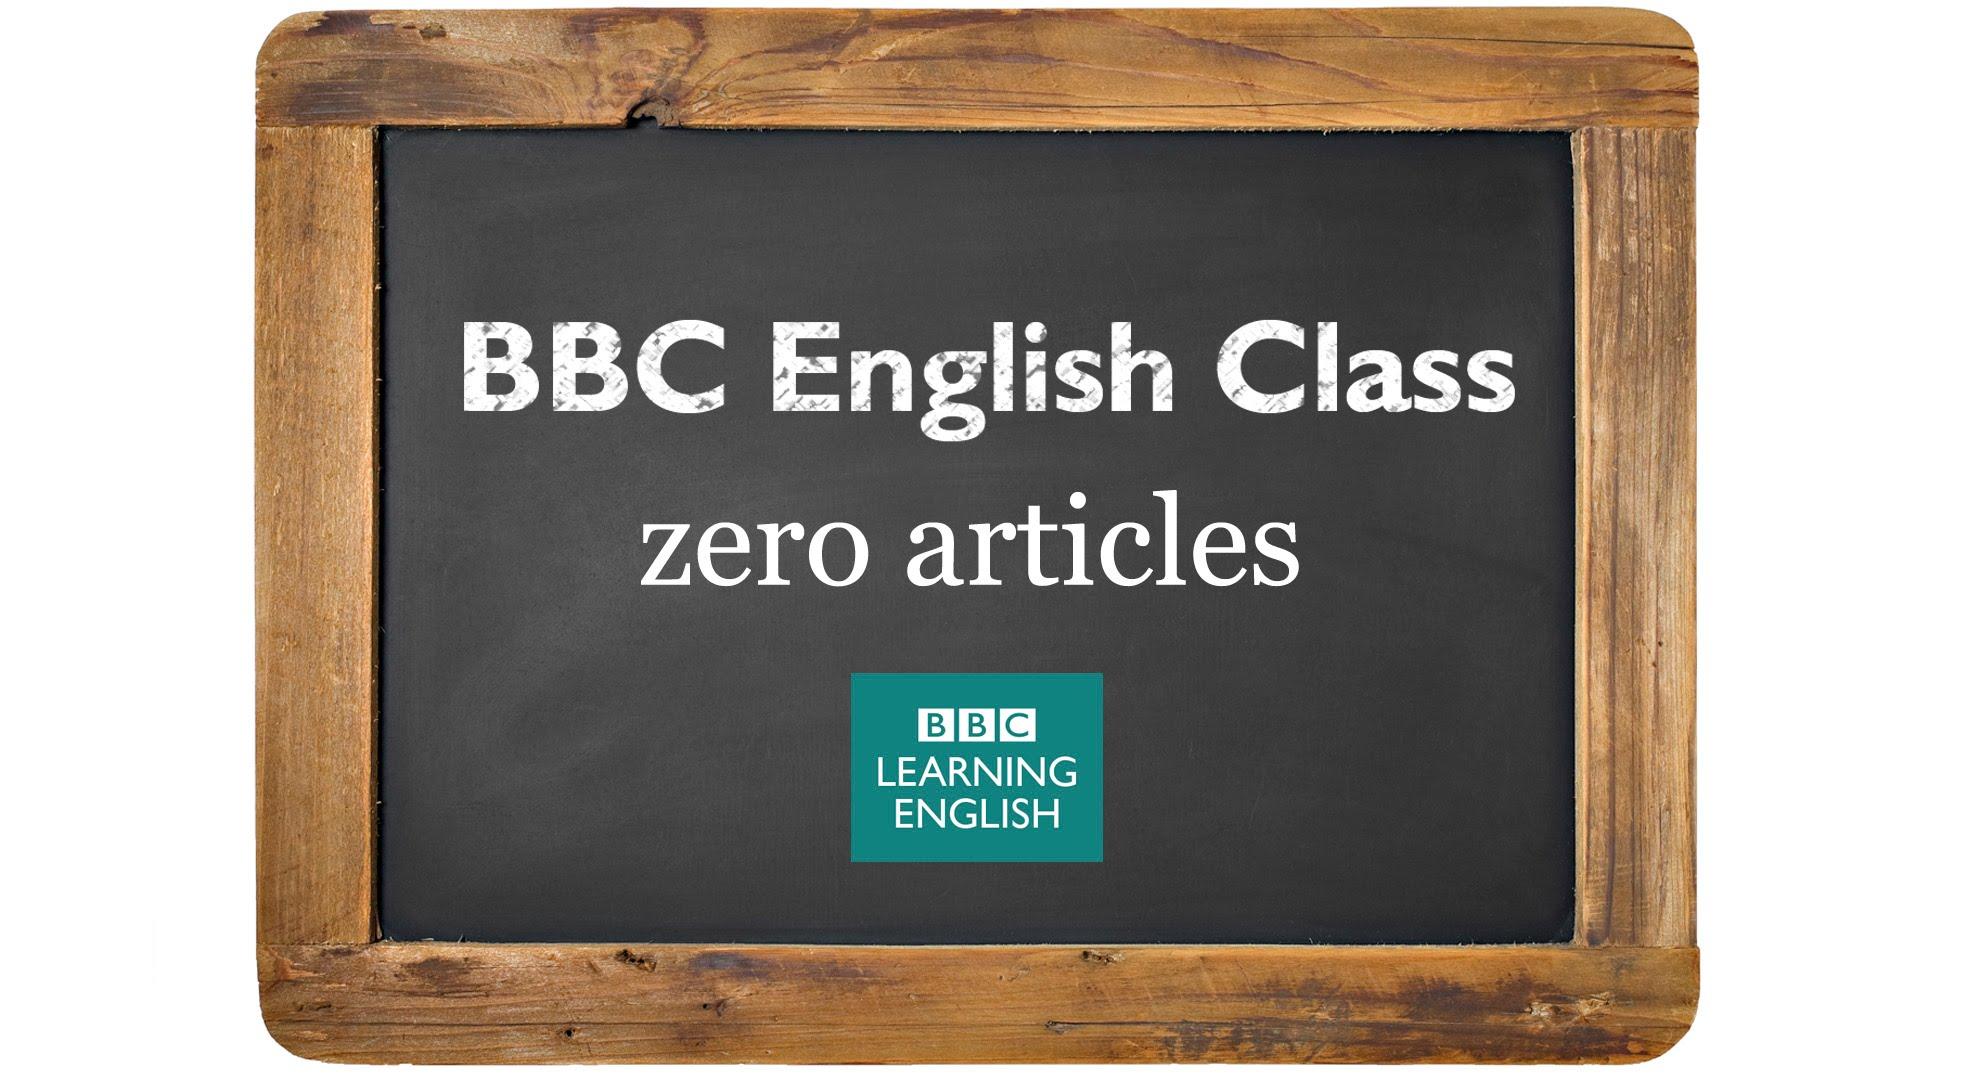 「文法好簡單:零冠詞的使用時機」- BBC English Class: Using Zero Articles